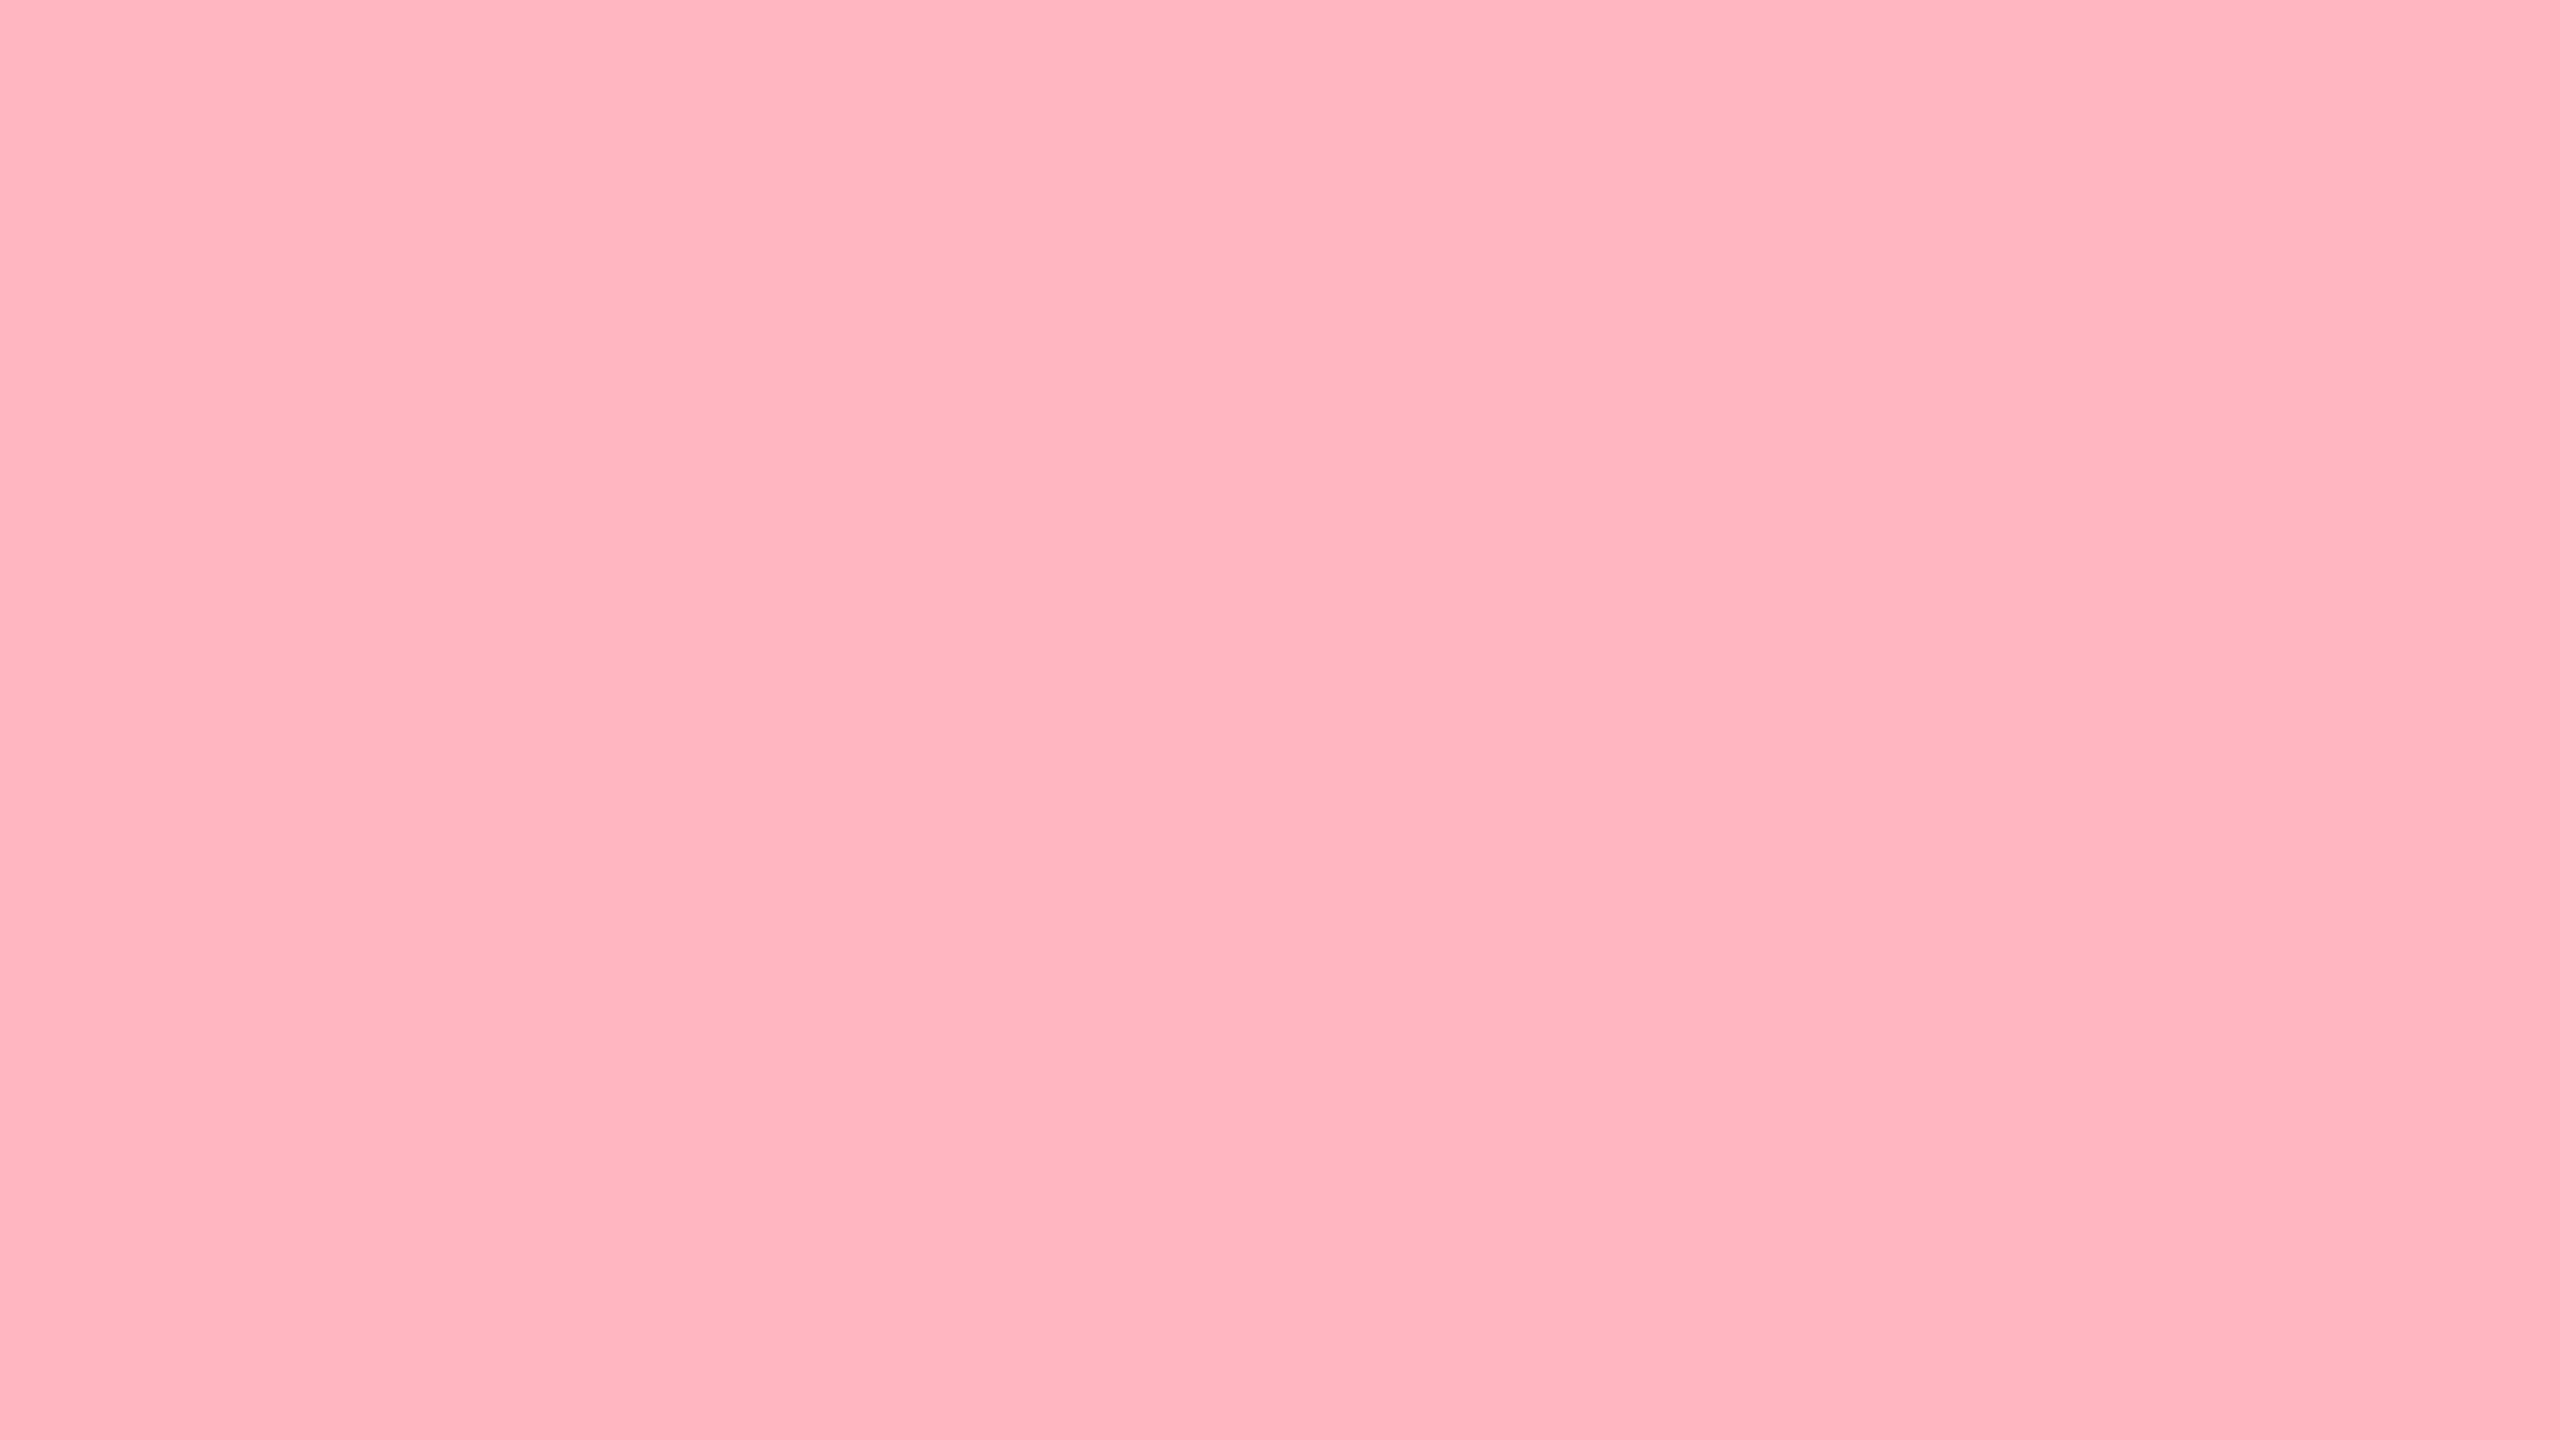 Fall Hipster Wallpapers Hd Light Pink Backgrounds Pixelstalk Net